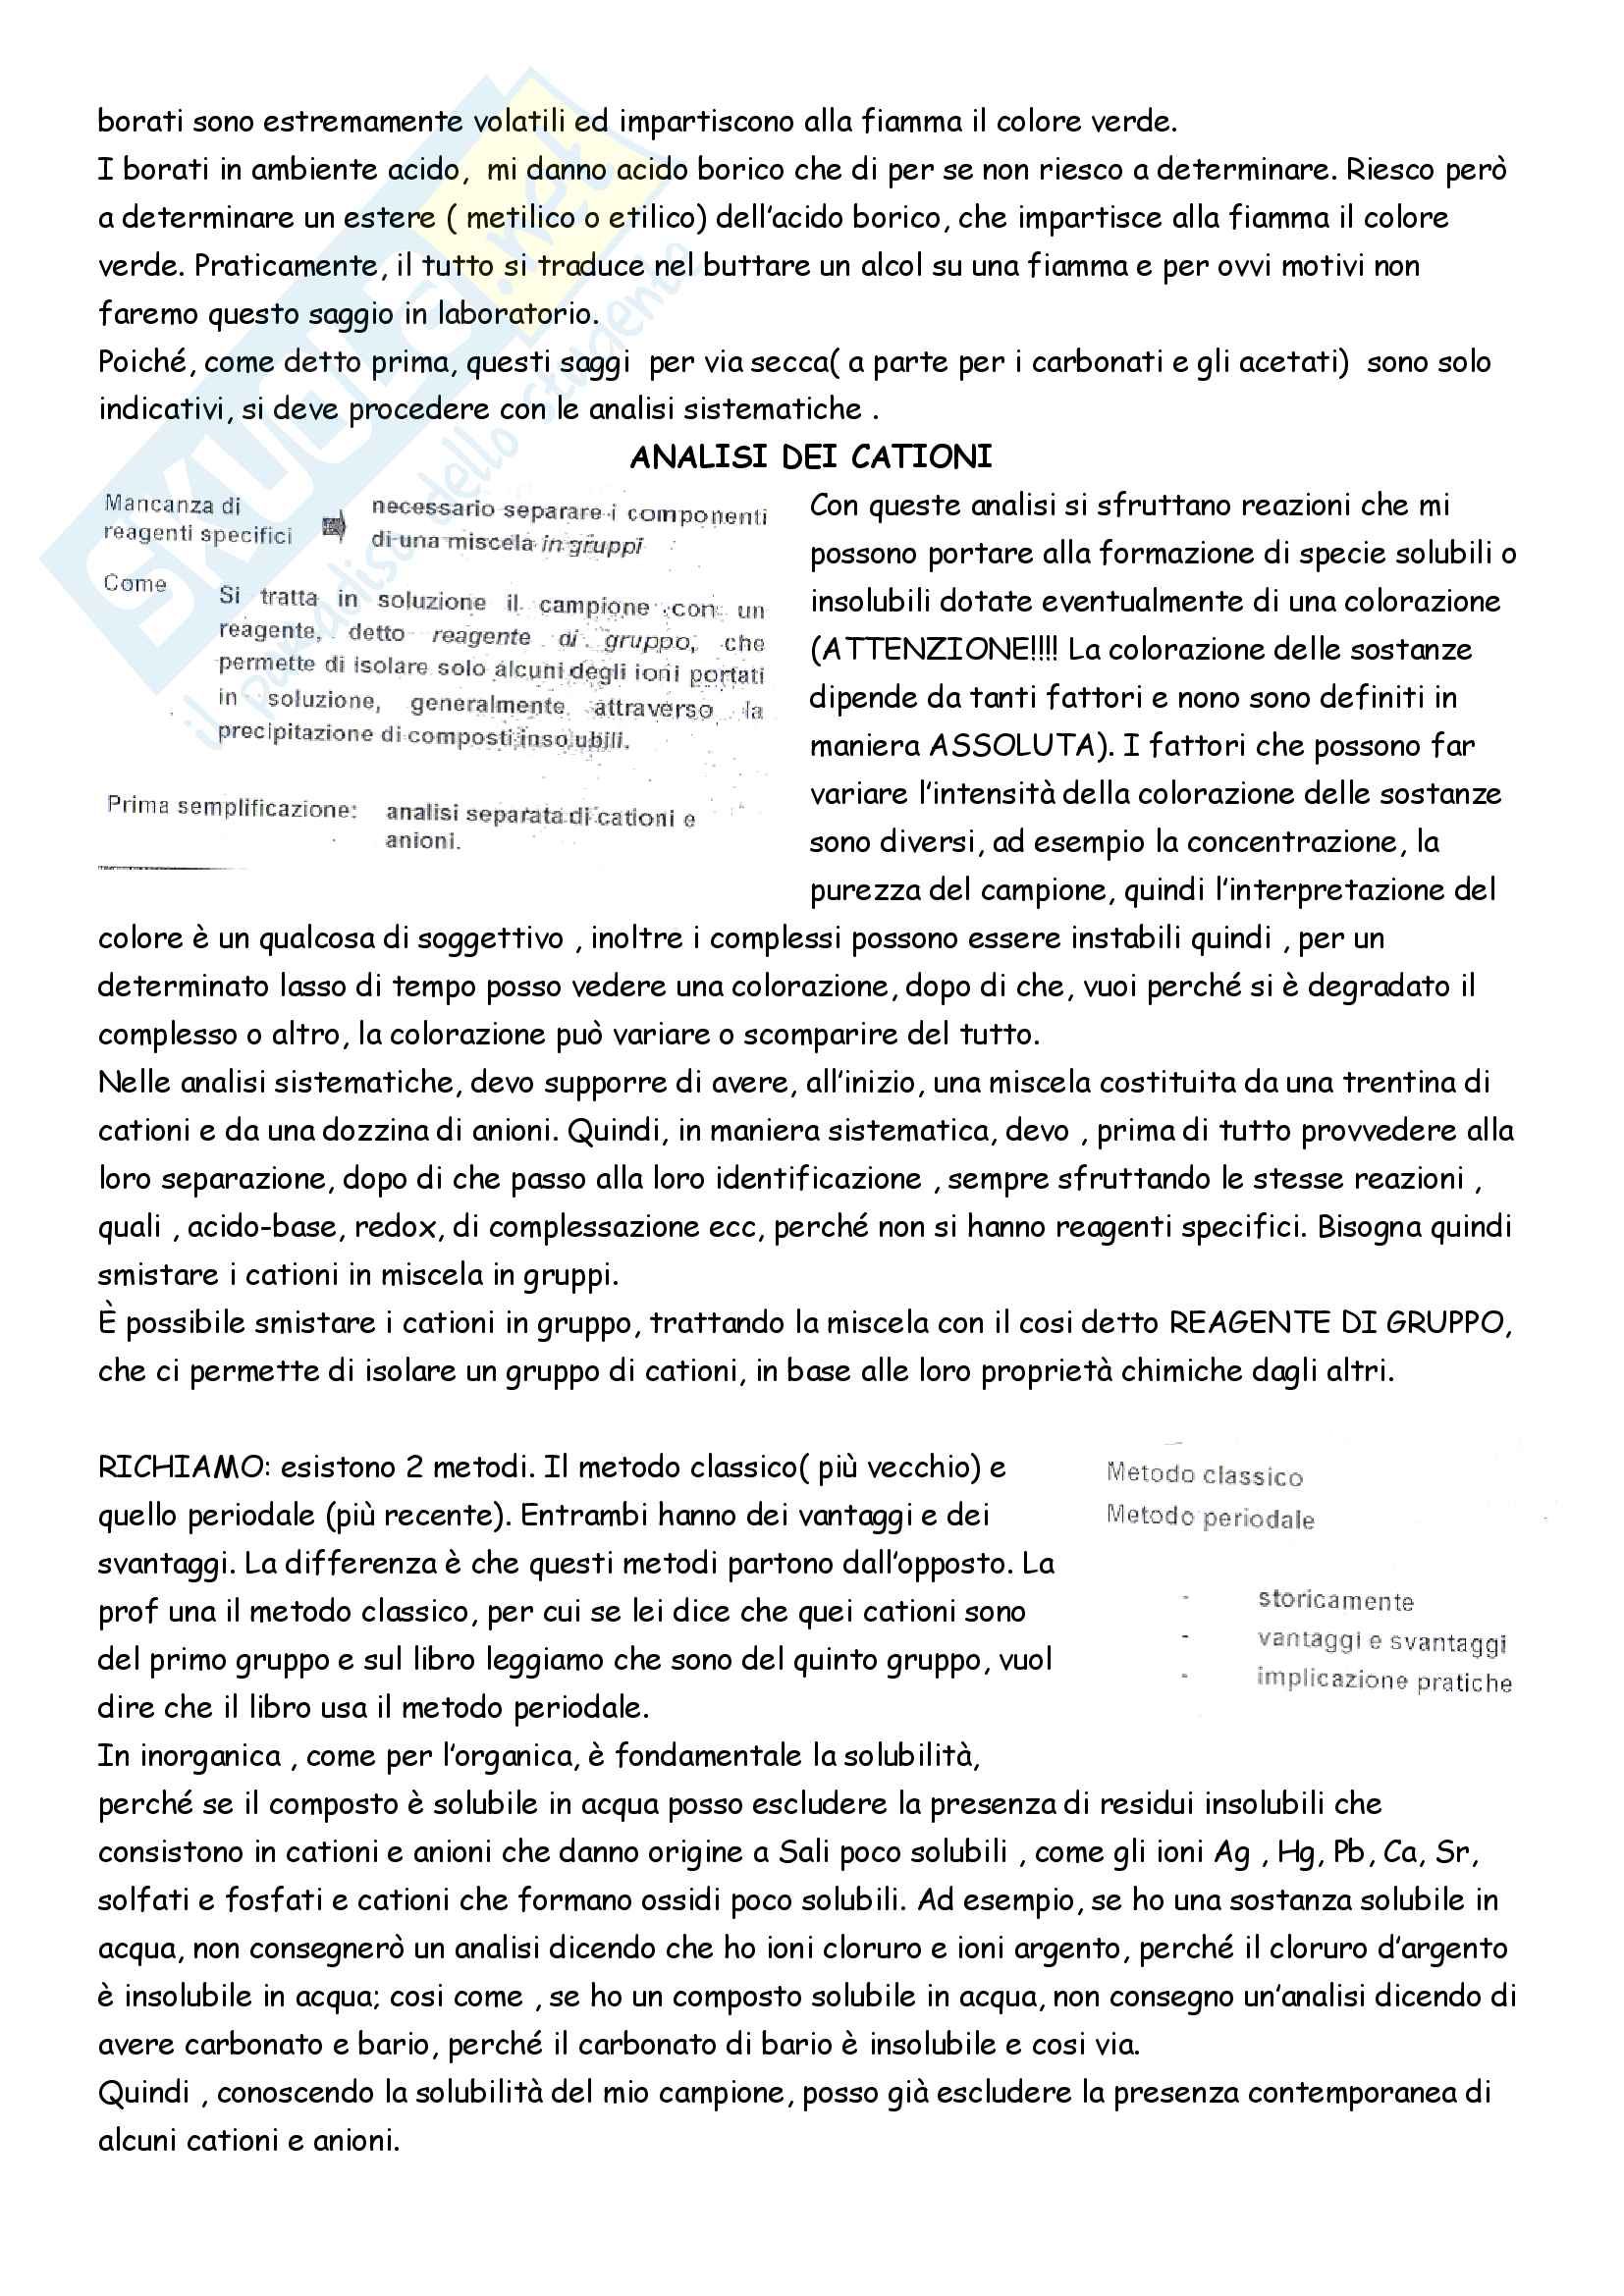 Appunti di Analisi chimico-farmaceutica II Pag. 61